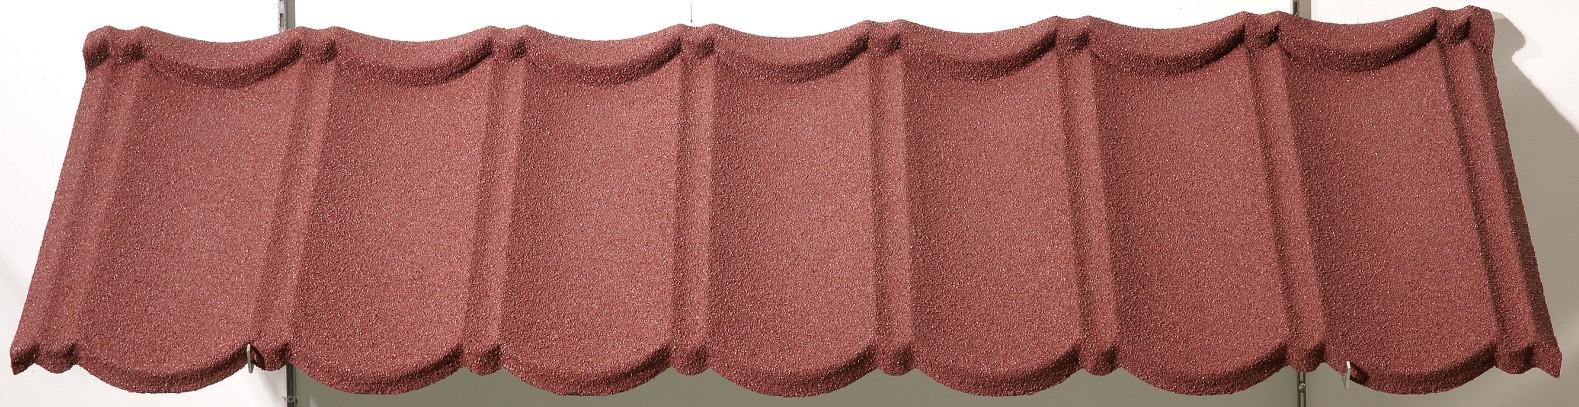 custom waterproof metal roof stone supply for Hotel-3